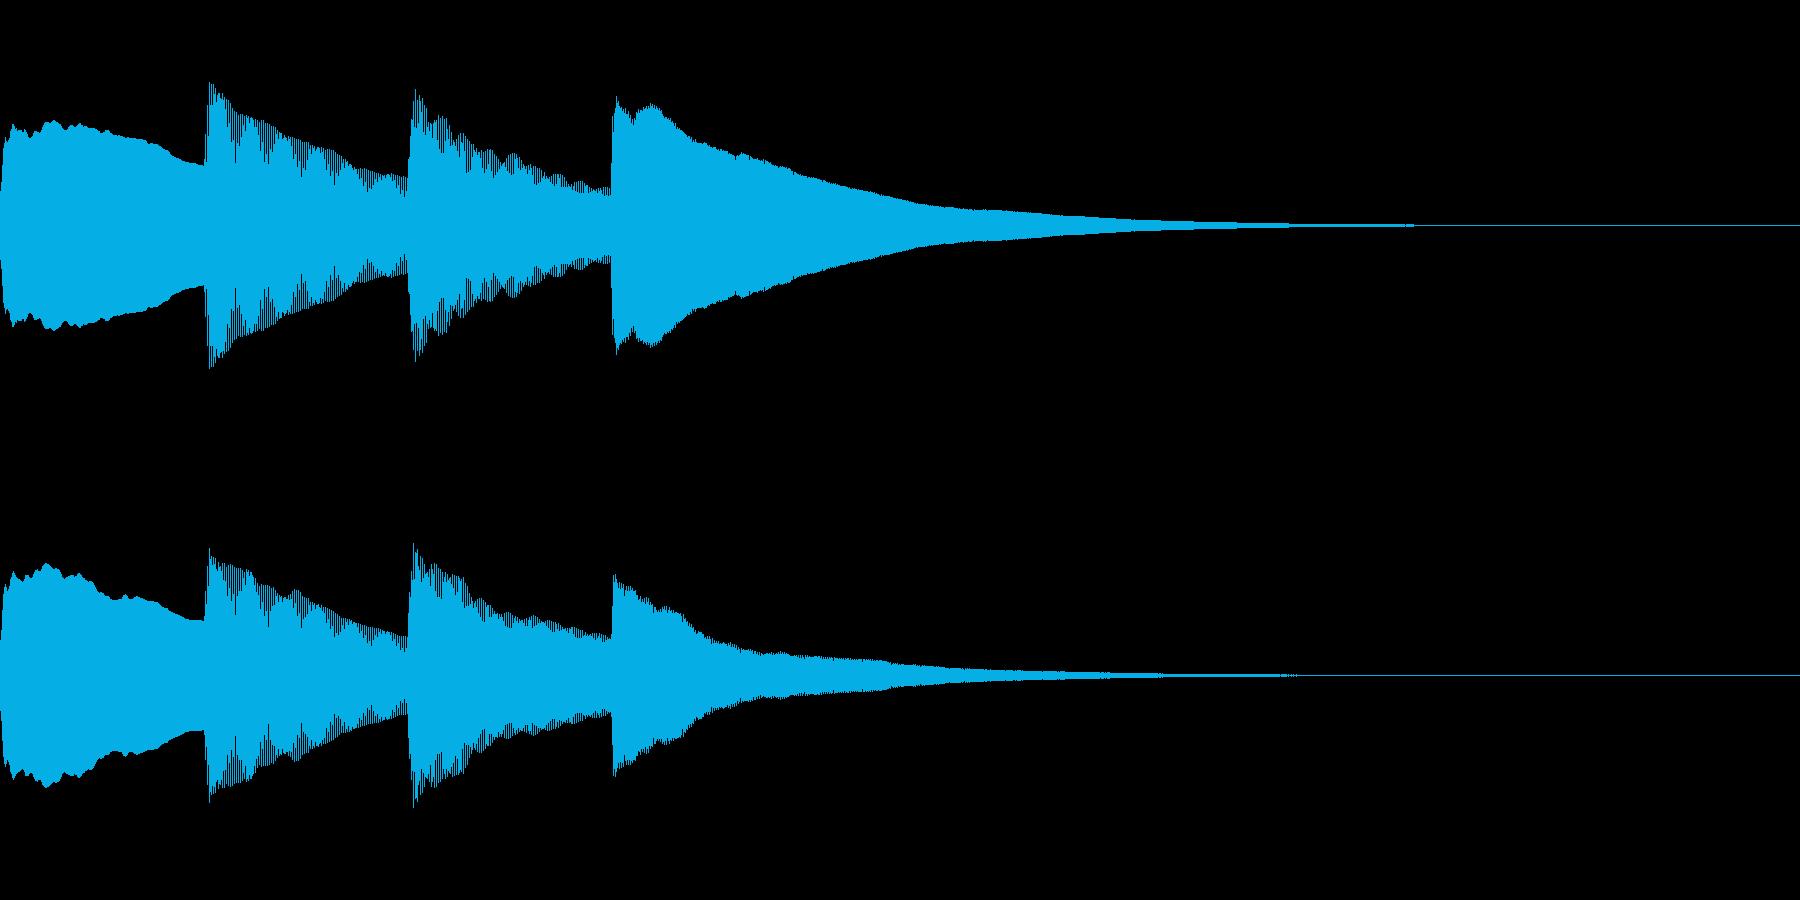 お知らせ・アナウンス音B上昇(遅め)01の再生済みの波形